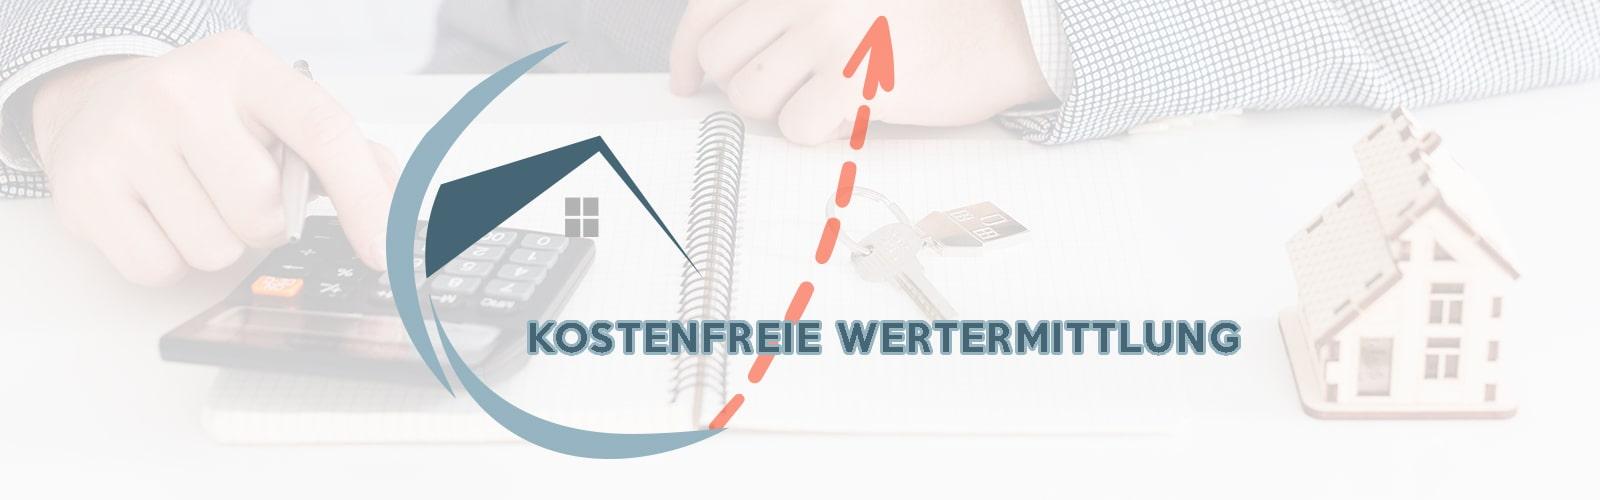 Kostenfreie Wertermittlung bei System Finanz Immobilien